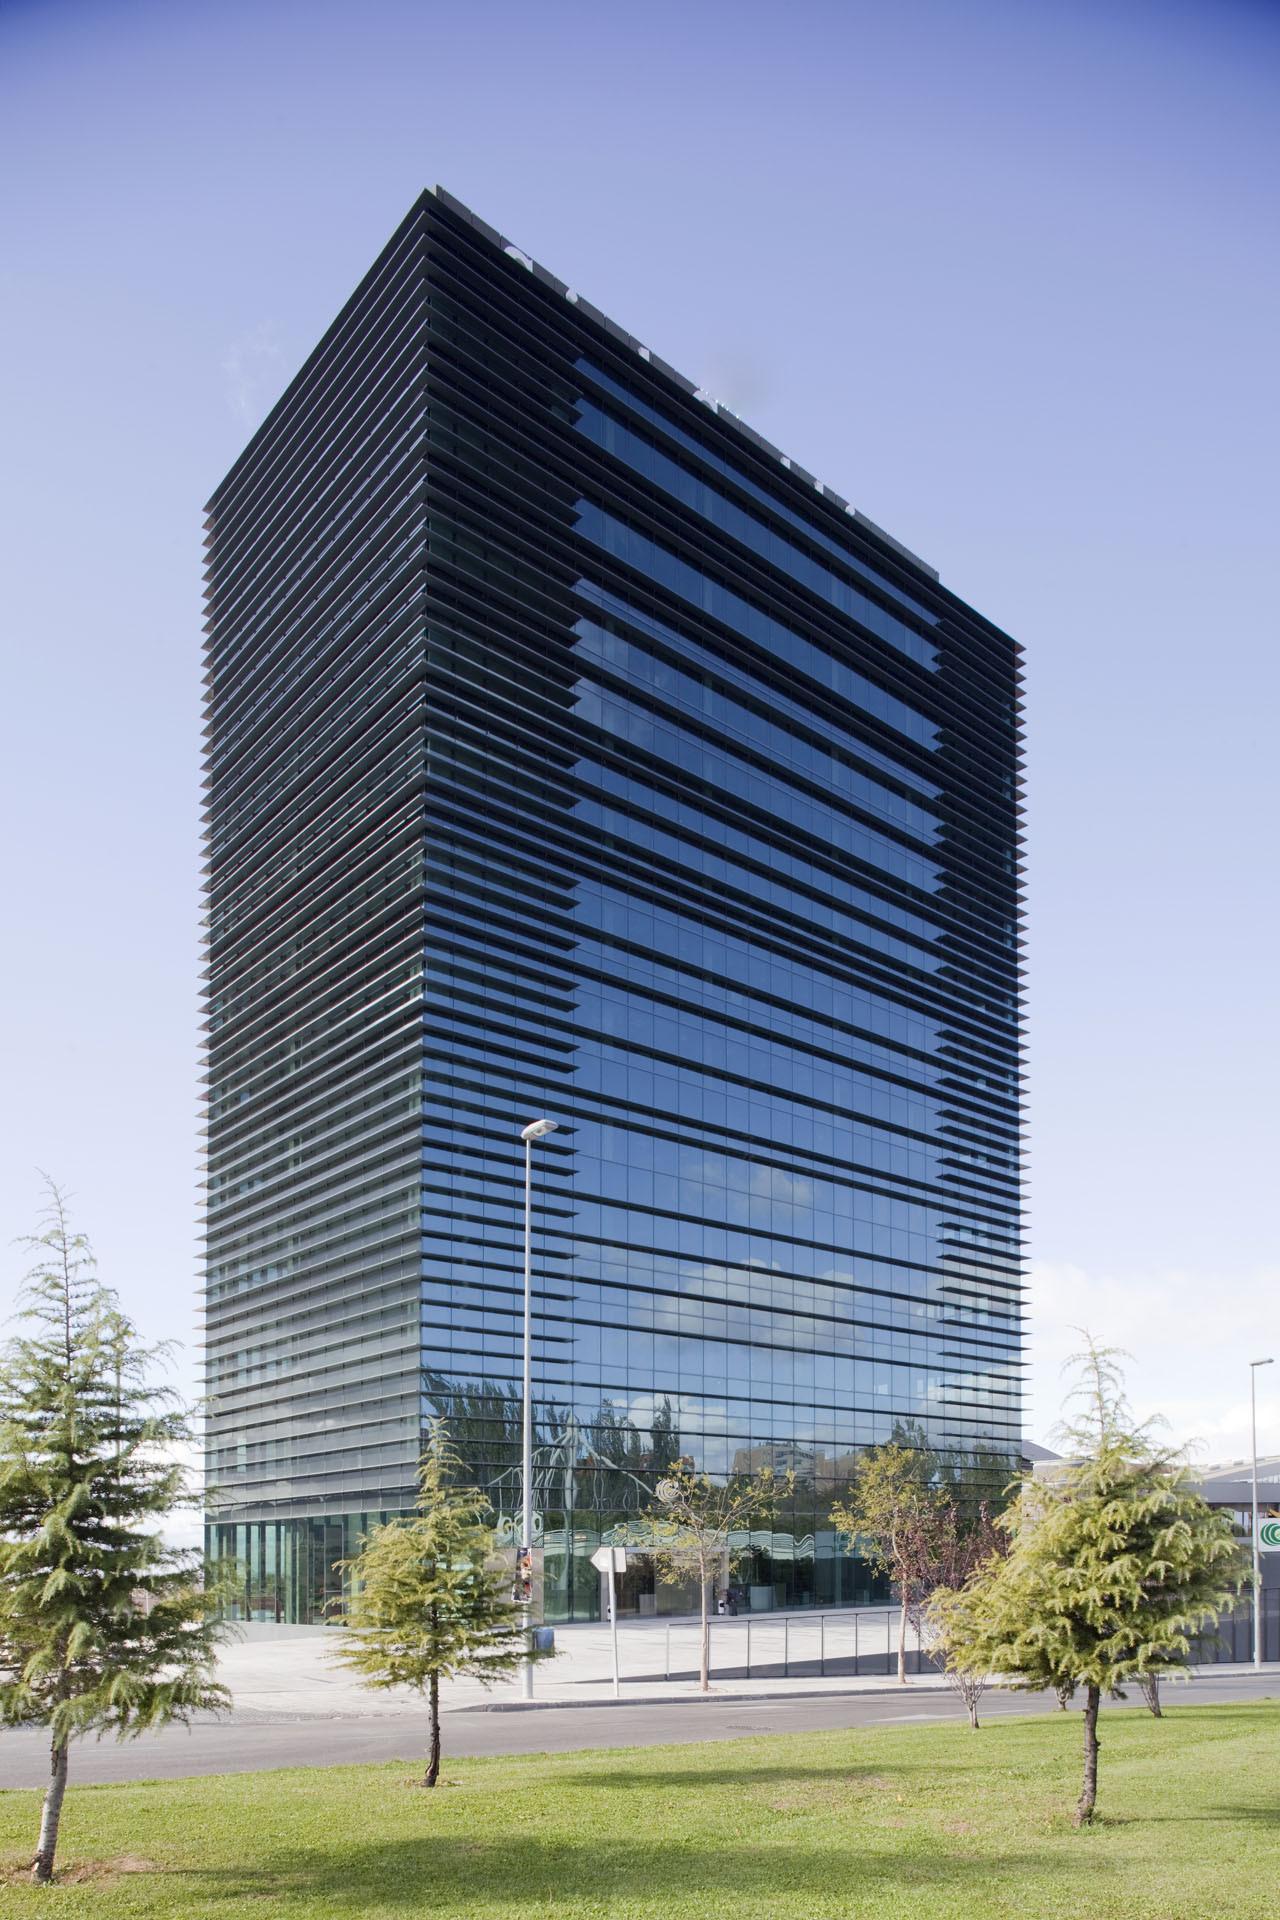 Caja De Guadalajara Office Building / Solano & Catalán, © Miguel de Guzmán